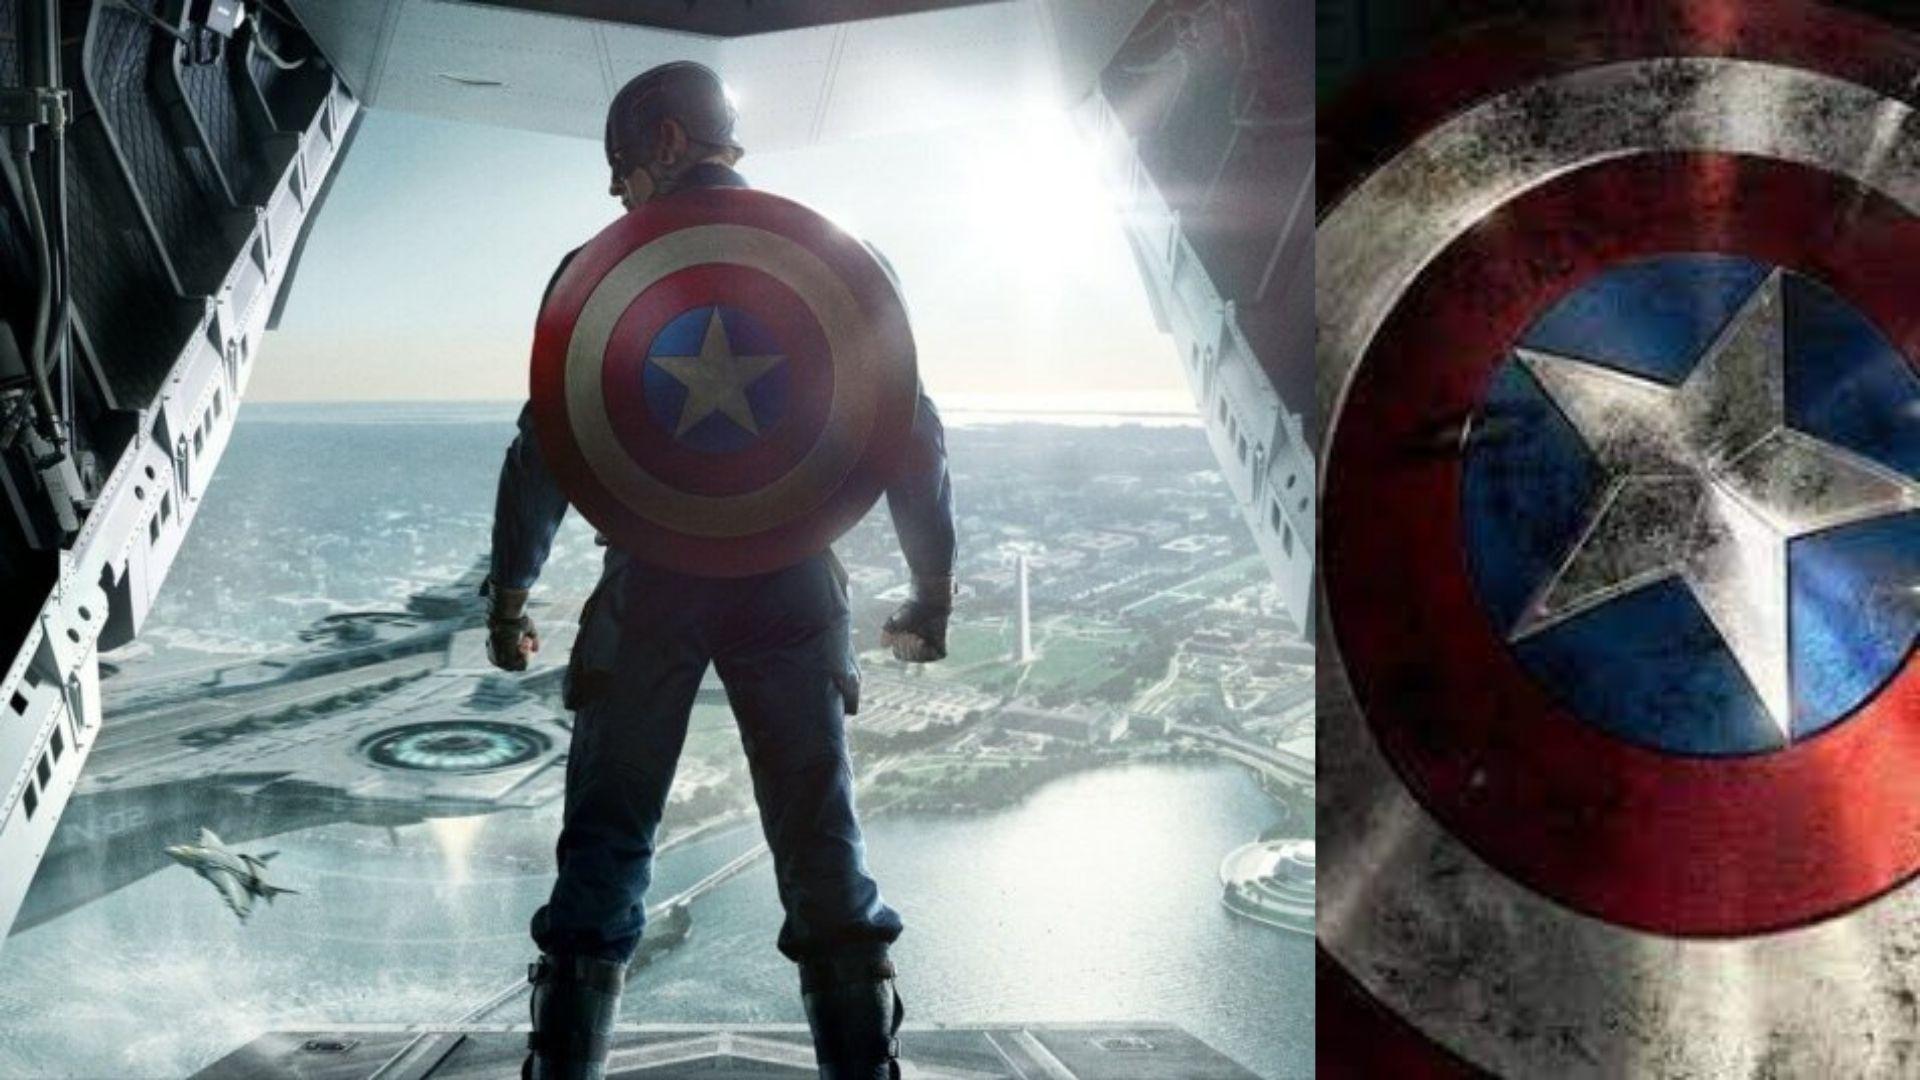 【アイテム】キャプテン・アメリカのシールドの性能・種類・歴史について解説!【マーベル原作】